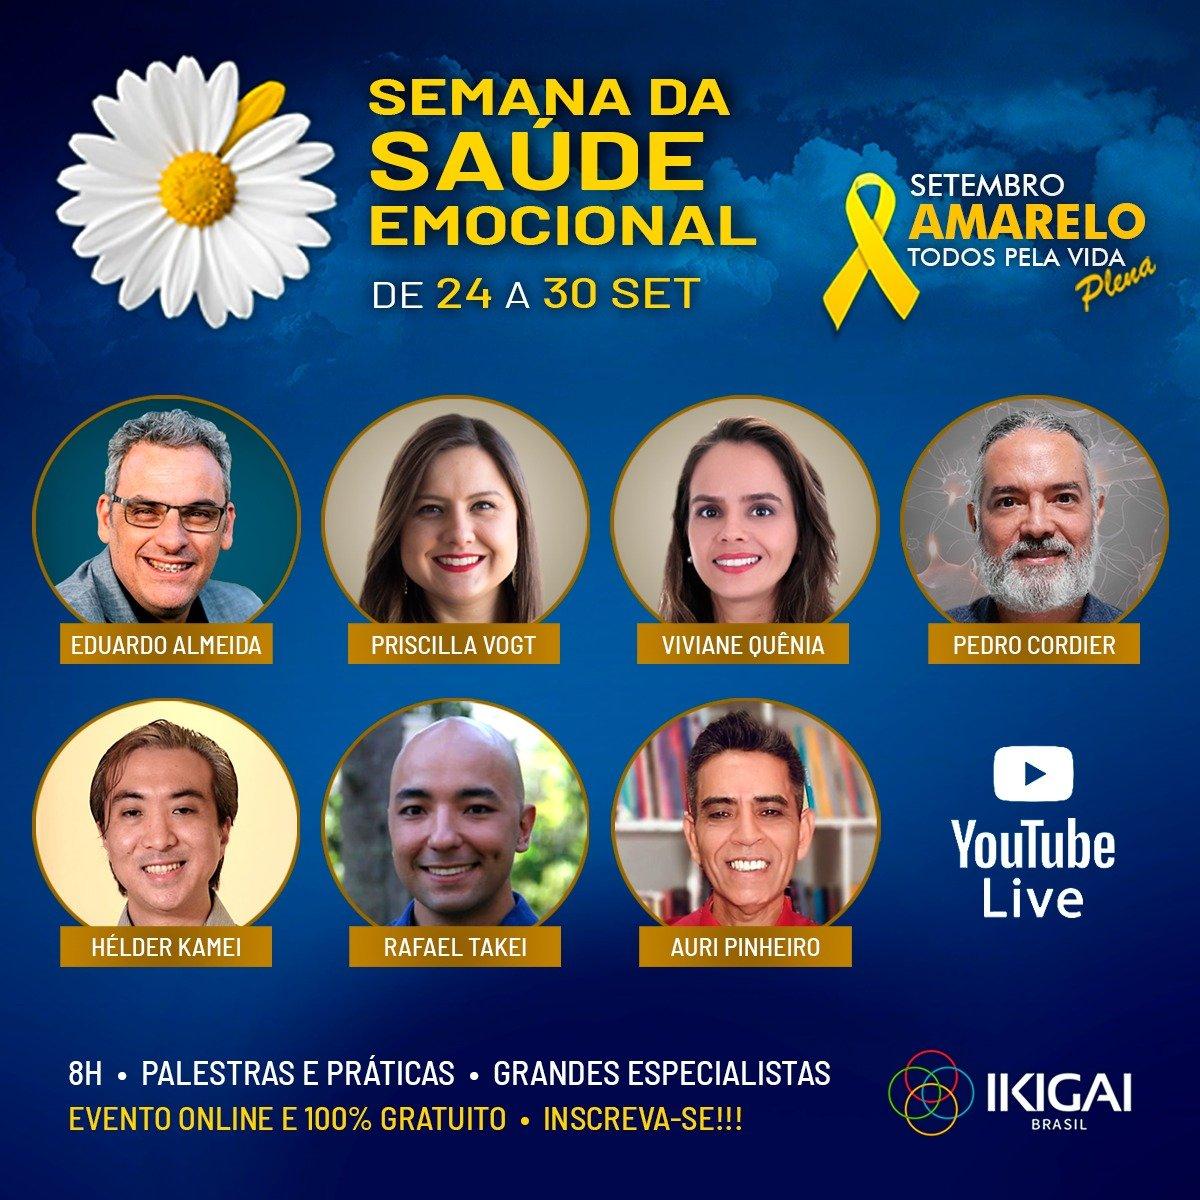 IKIGAI | Participe da Semana da Saúde Emocional